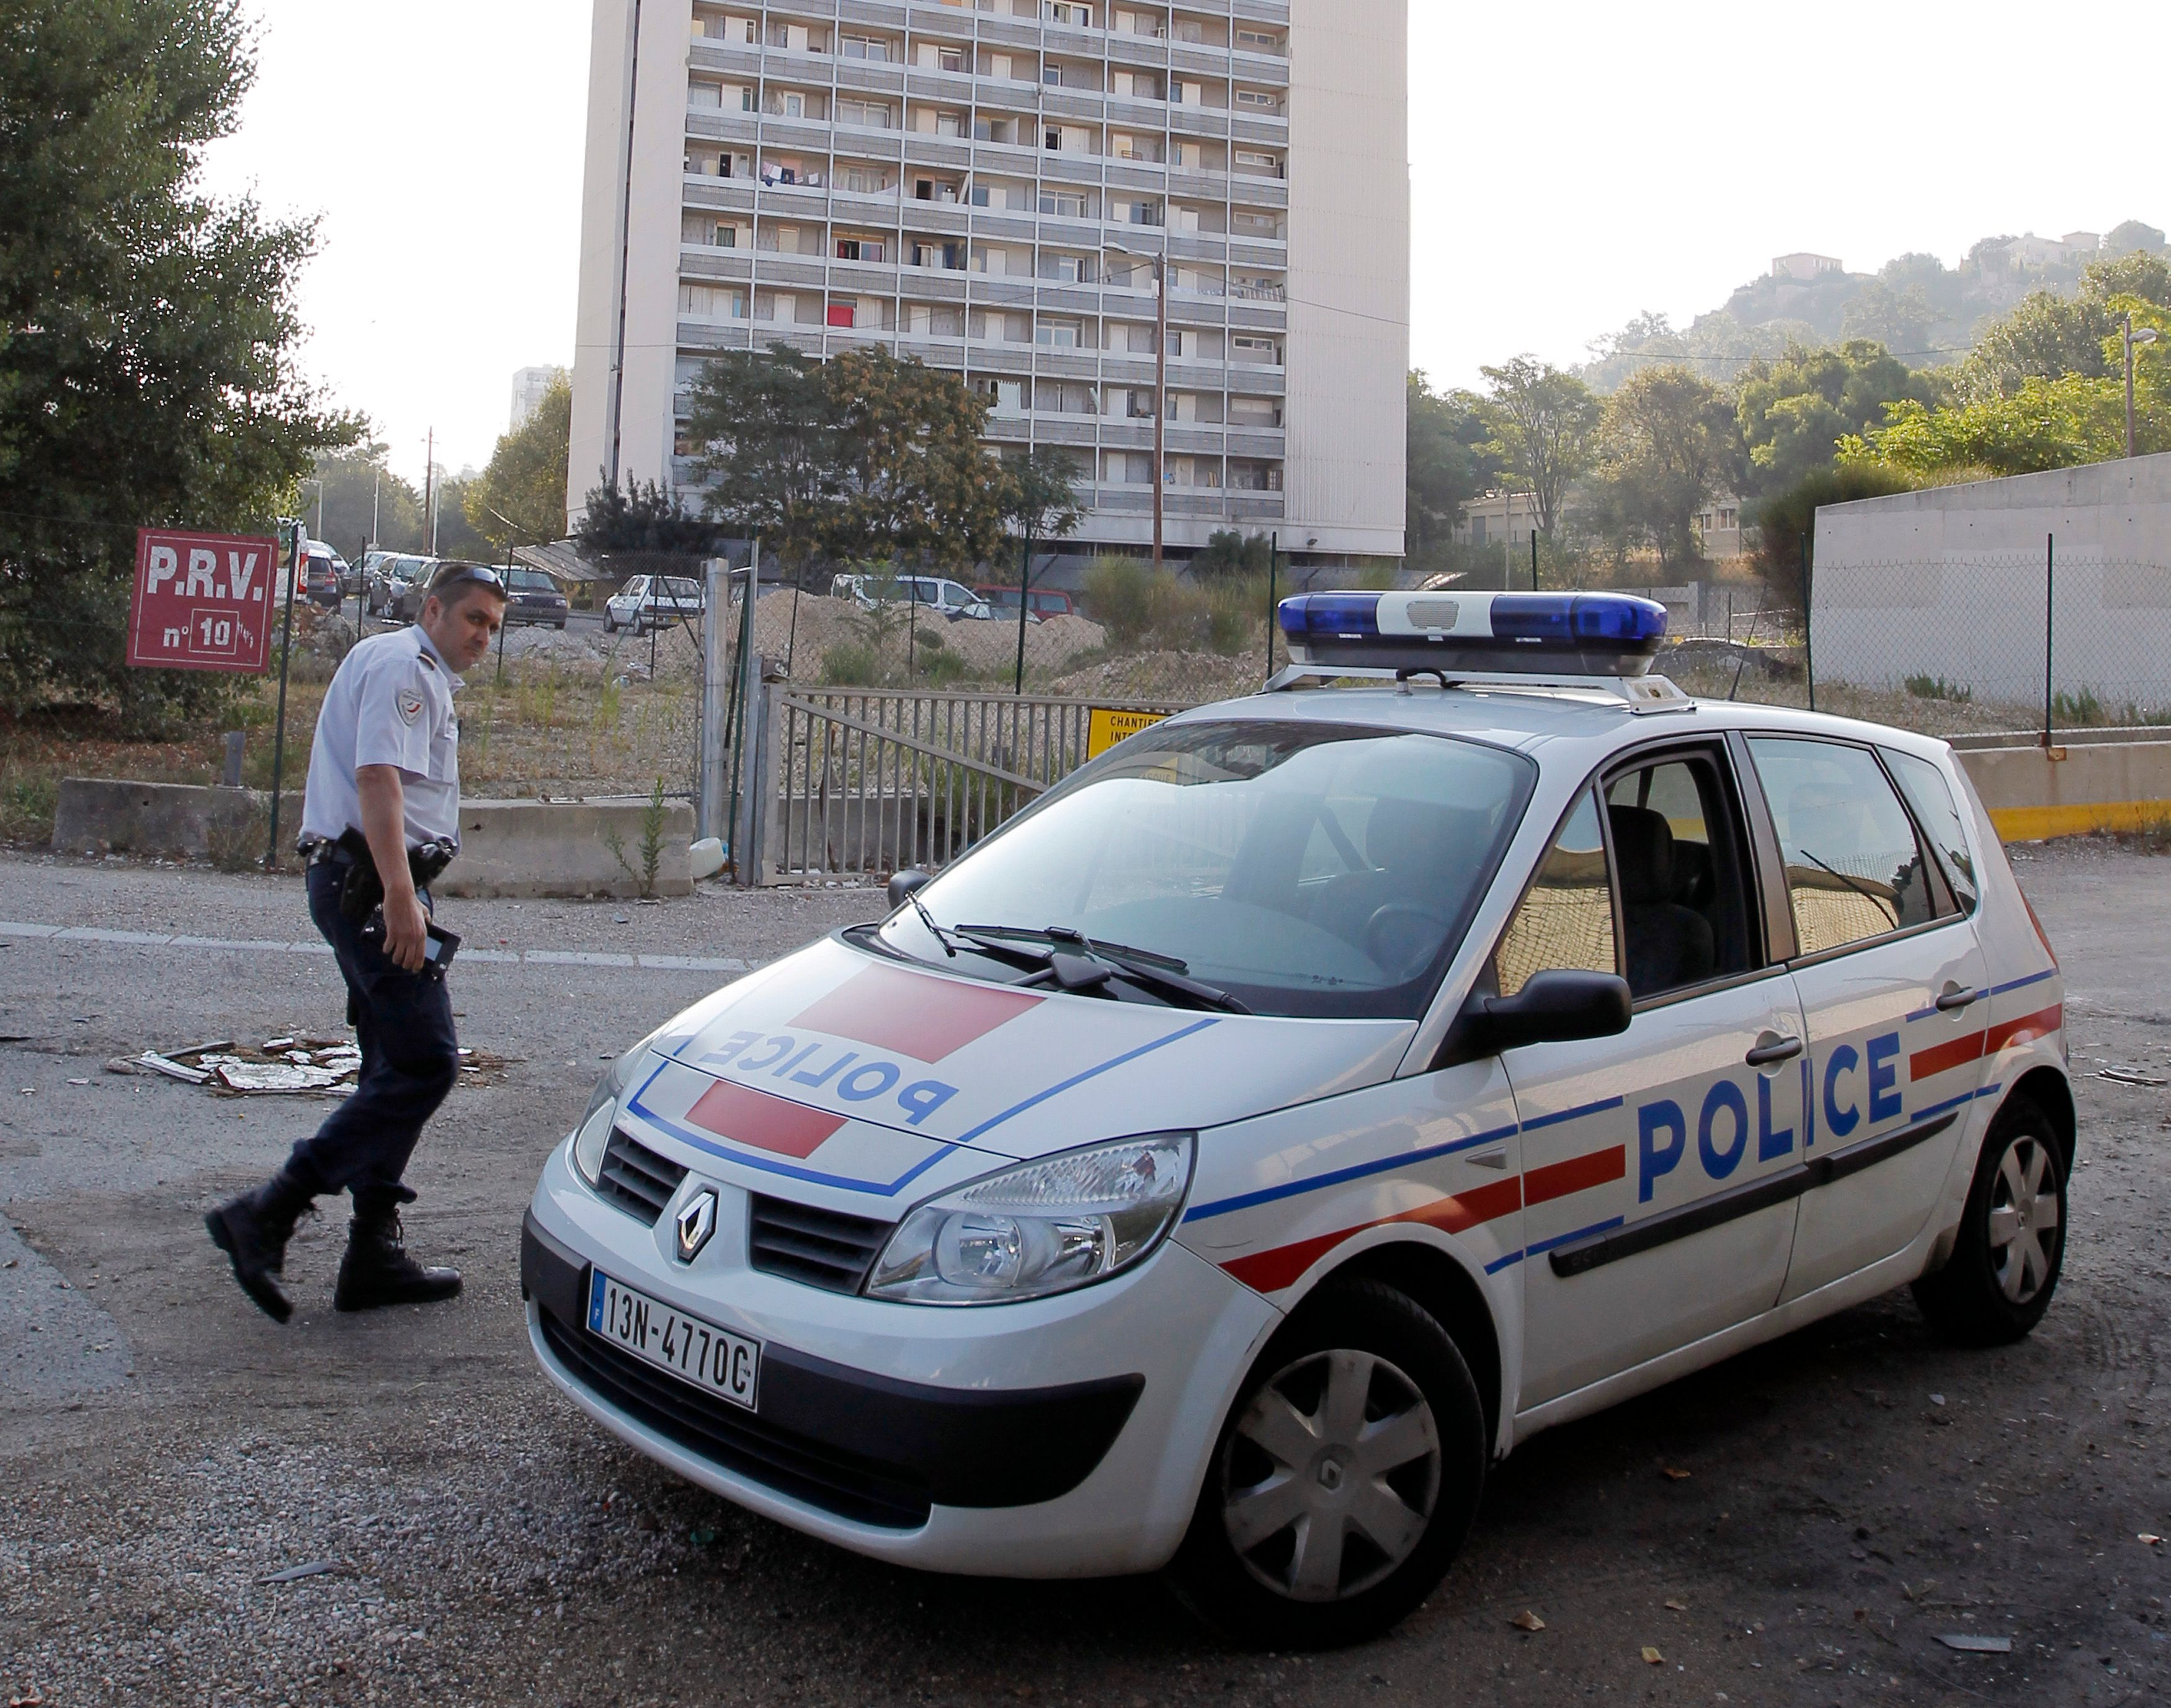 La famille d'Estelle Mouzin demande des vérifications quant à l'ADN du suspect de l'enlèvement de Berenyss